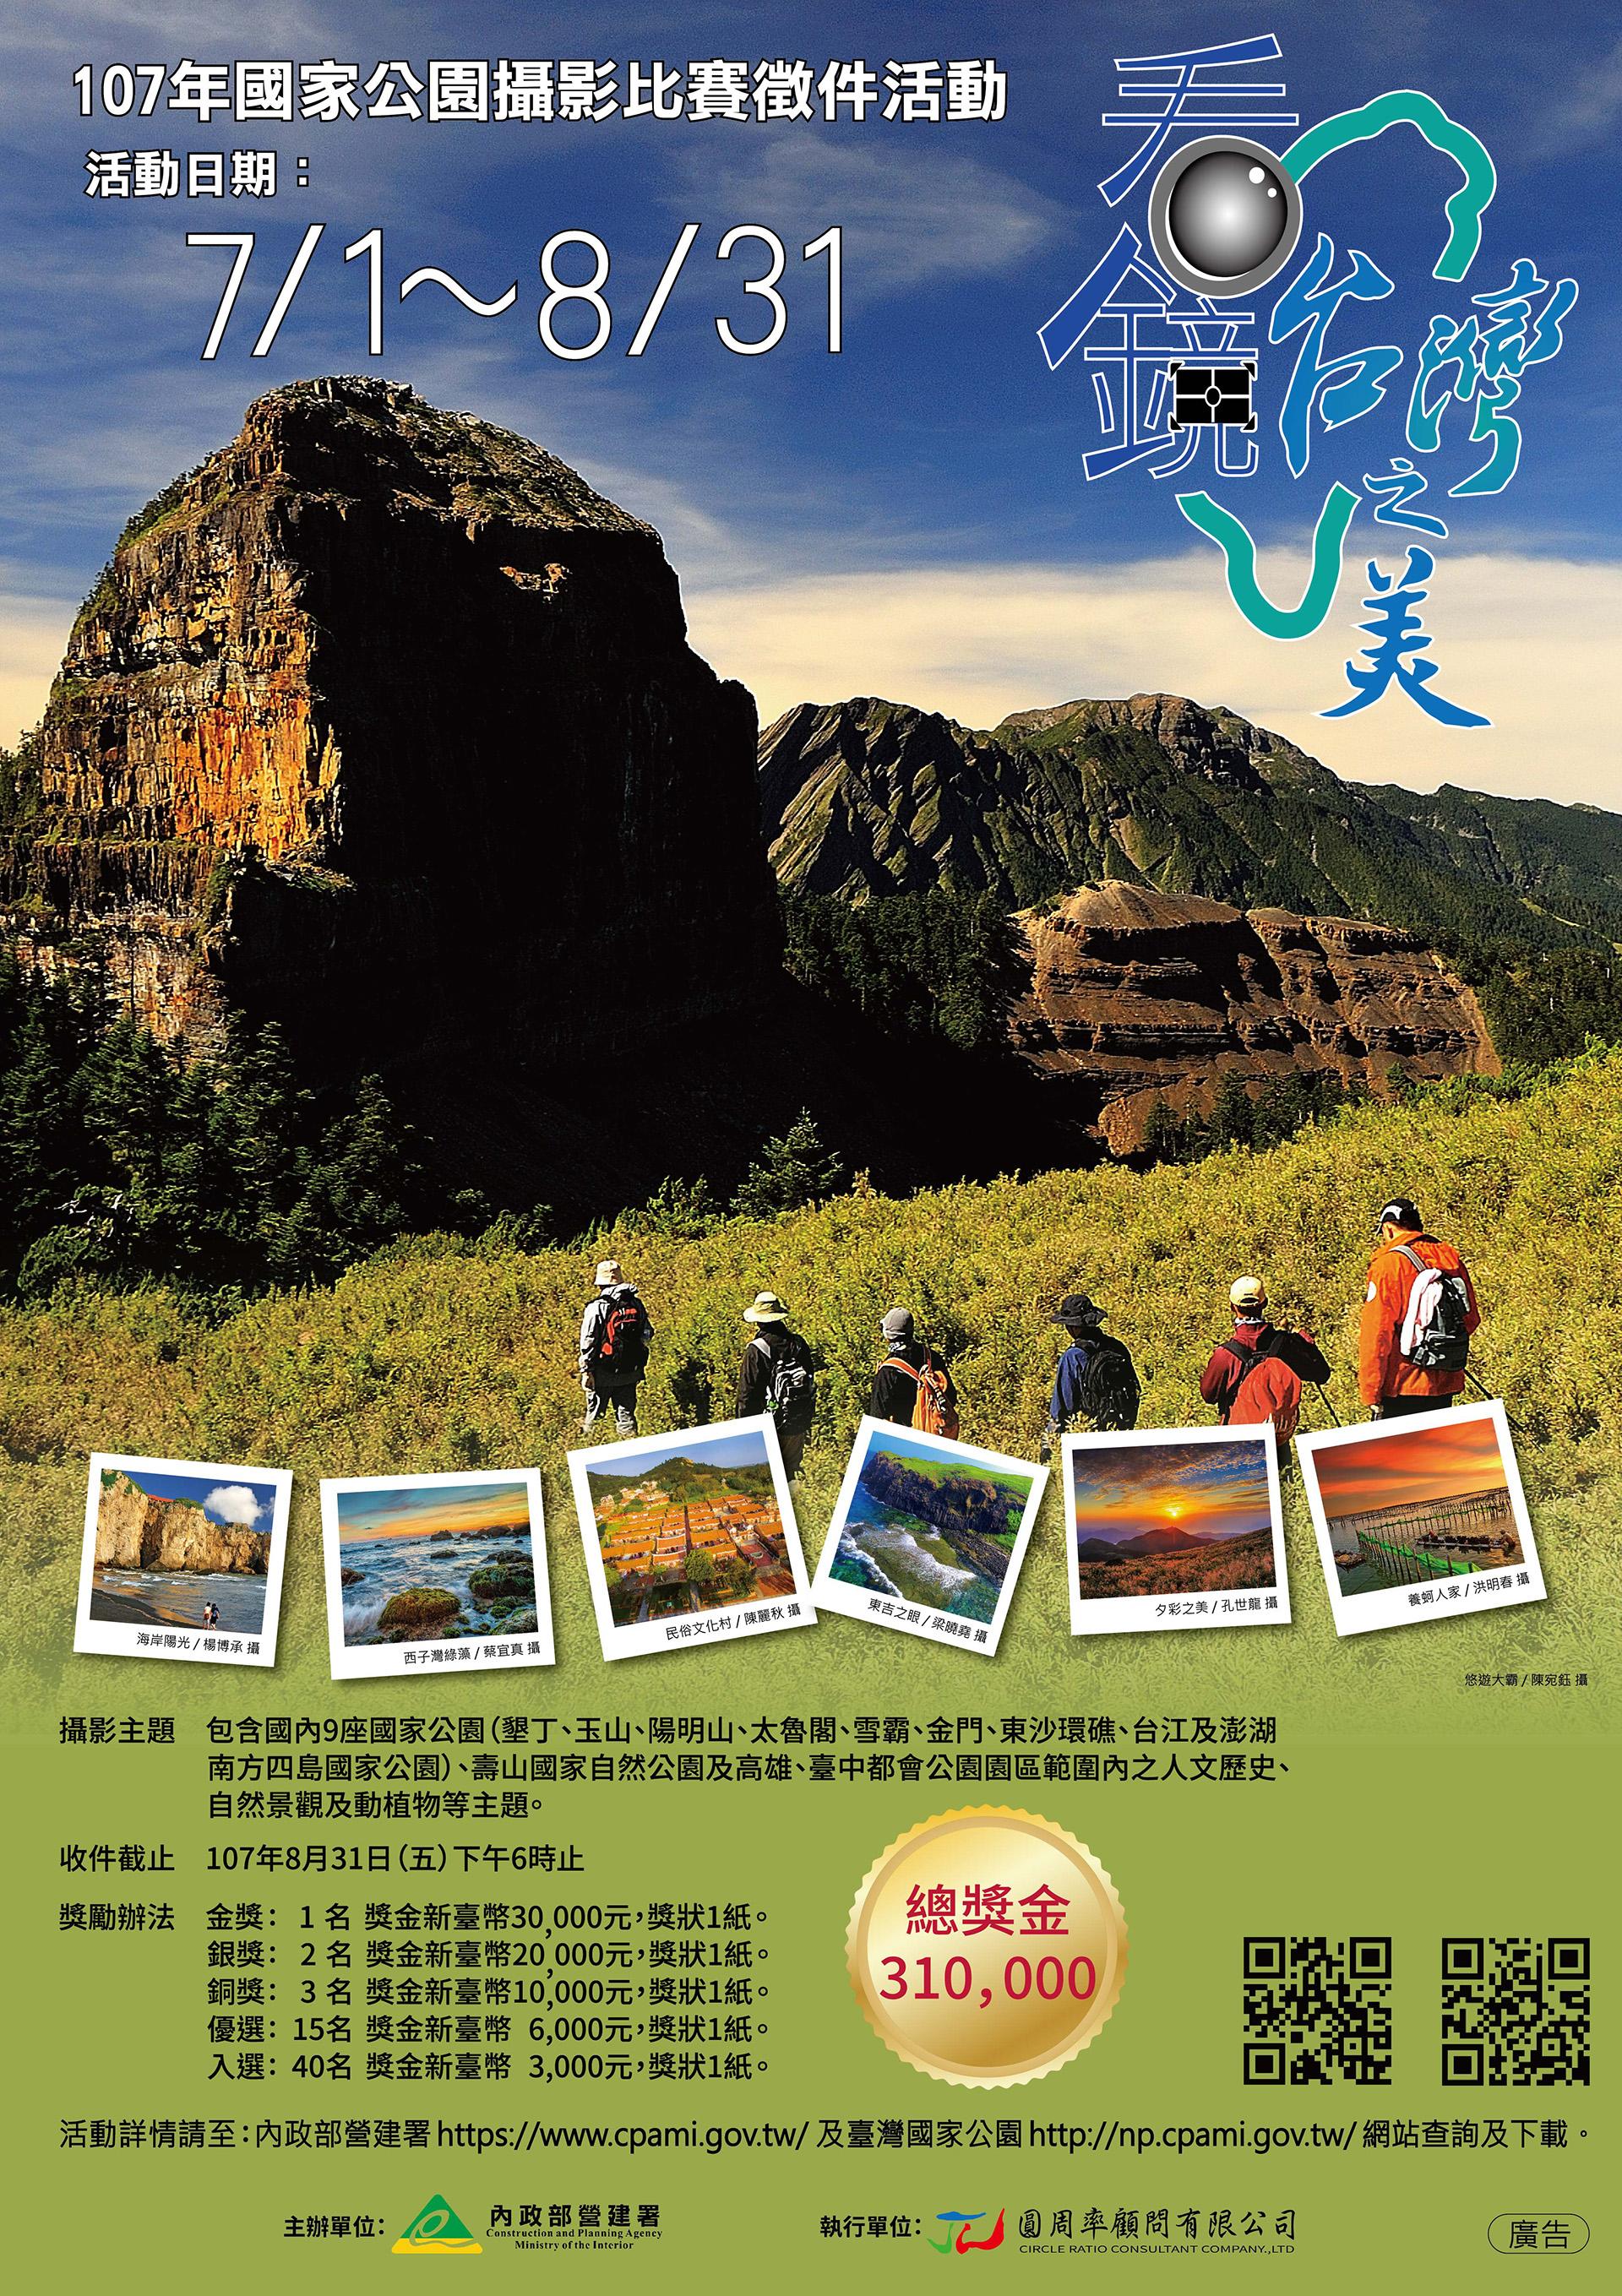 107年國家公園攝影比賽徵件活動